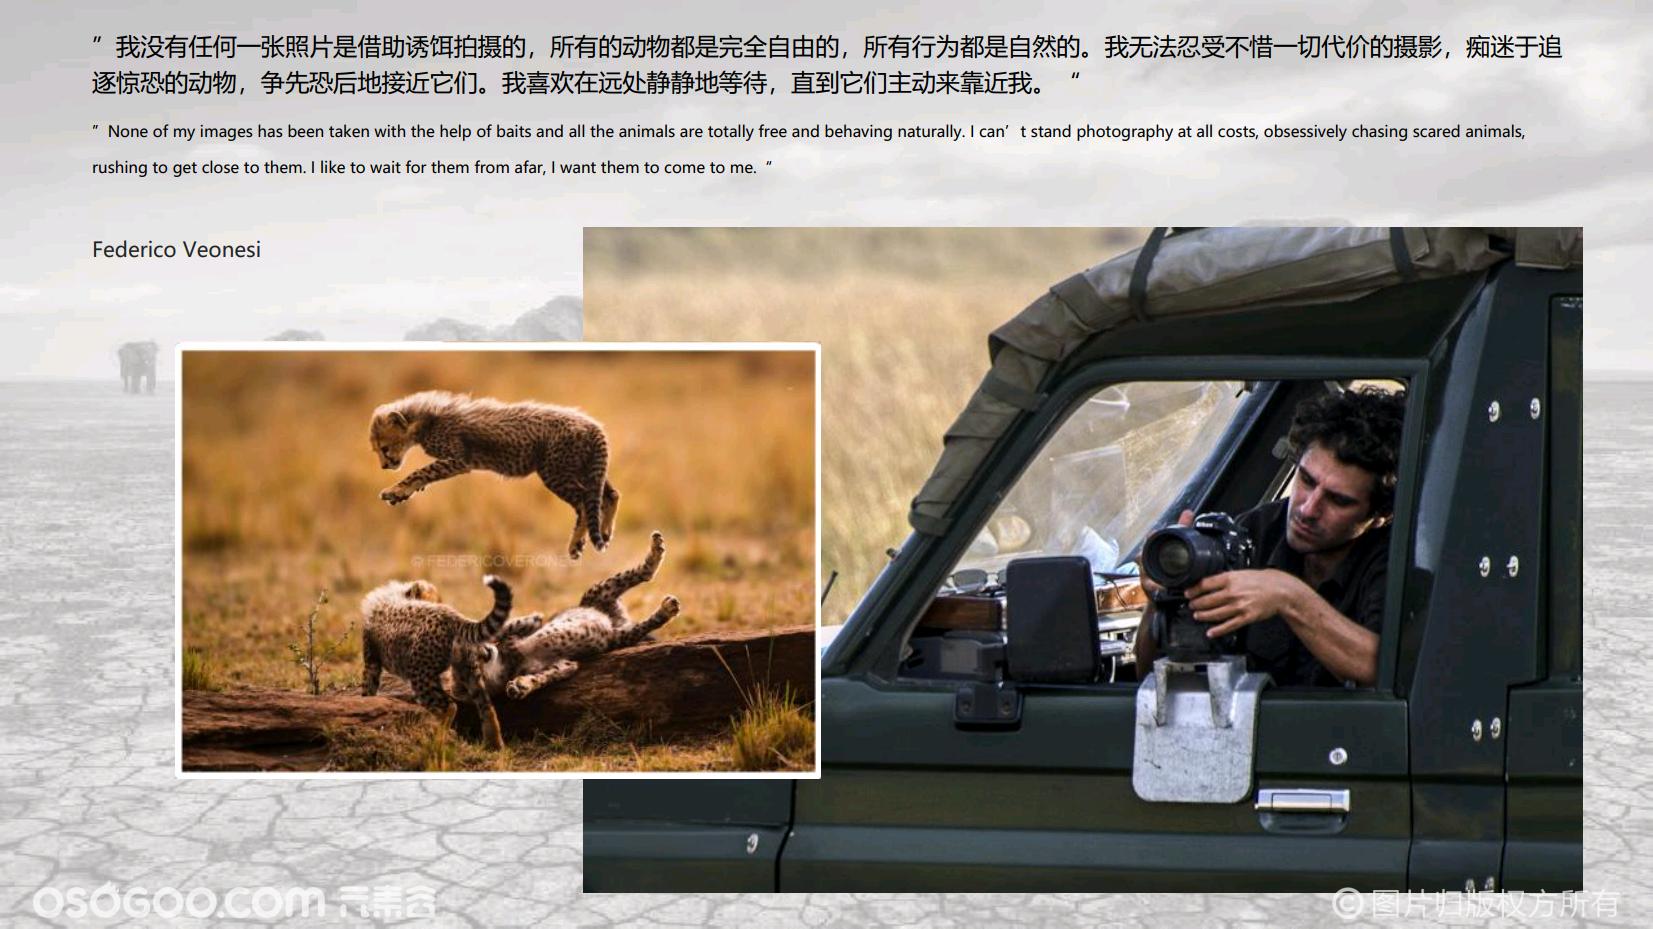 2020-意大利摄影师费德里科·韦罗内西-(动物保护协会荣誉